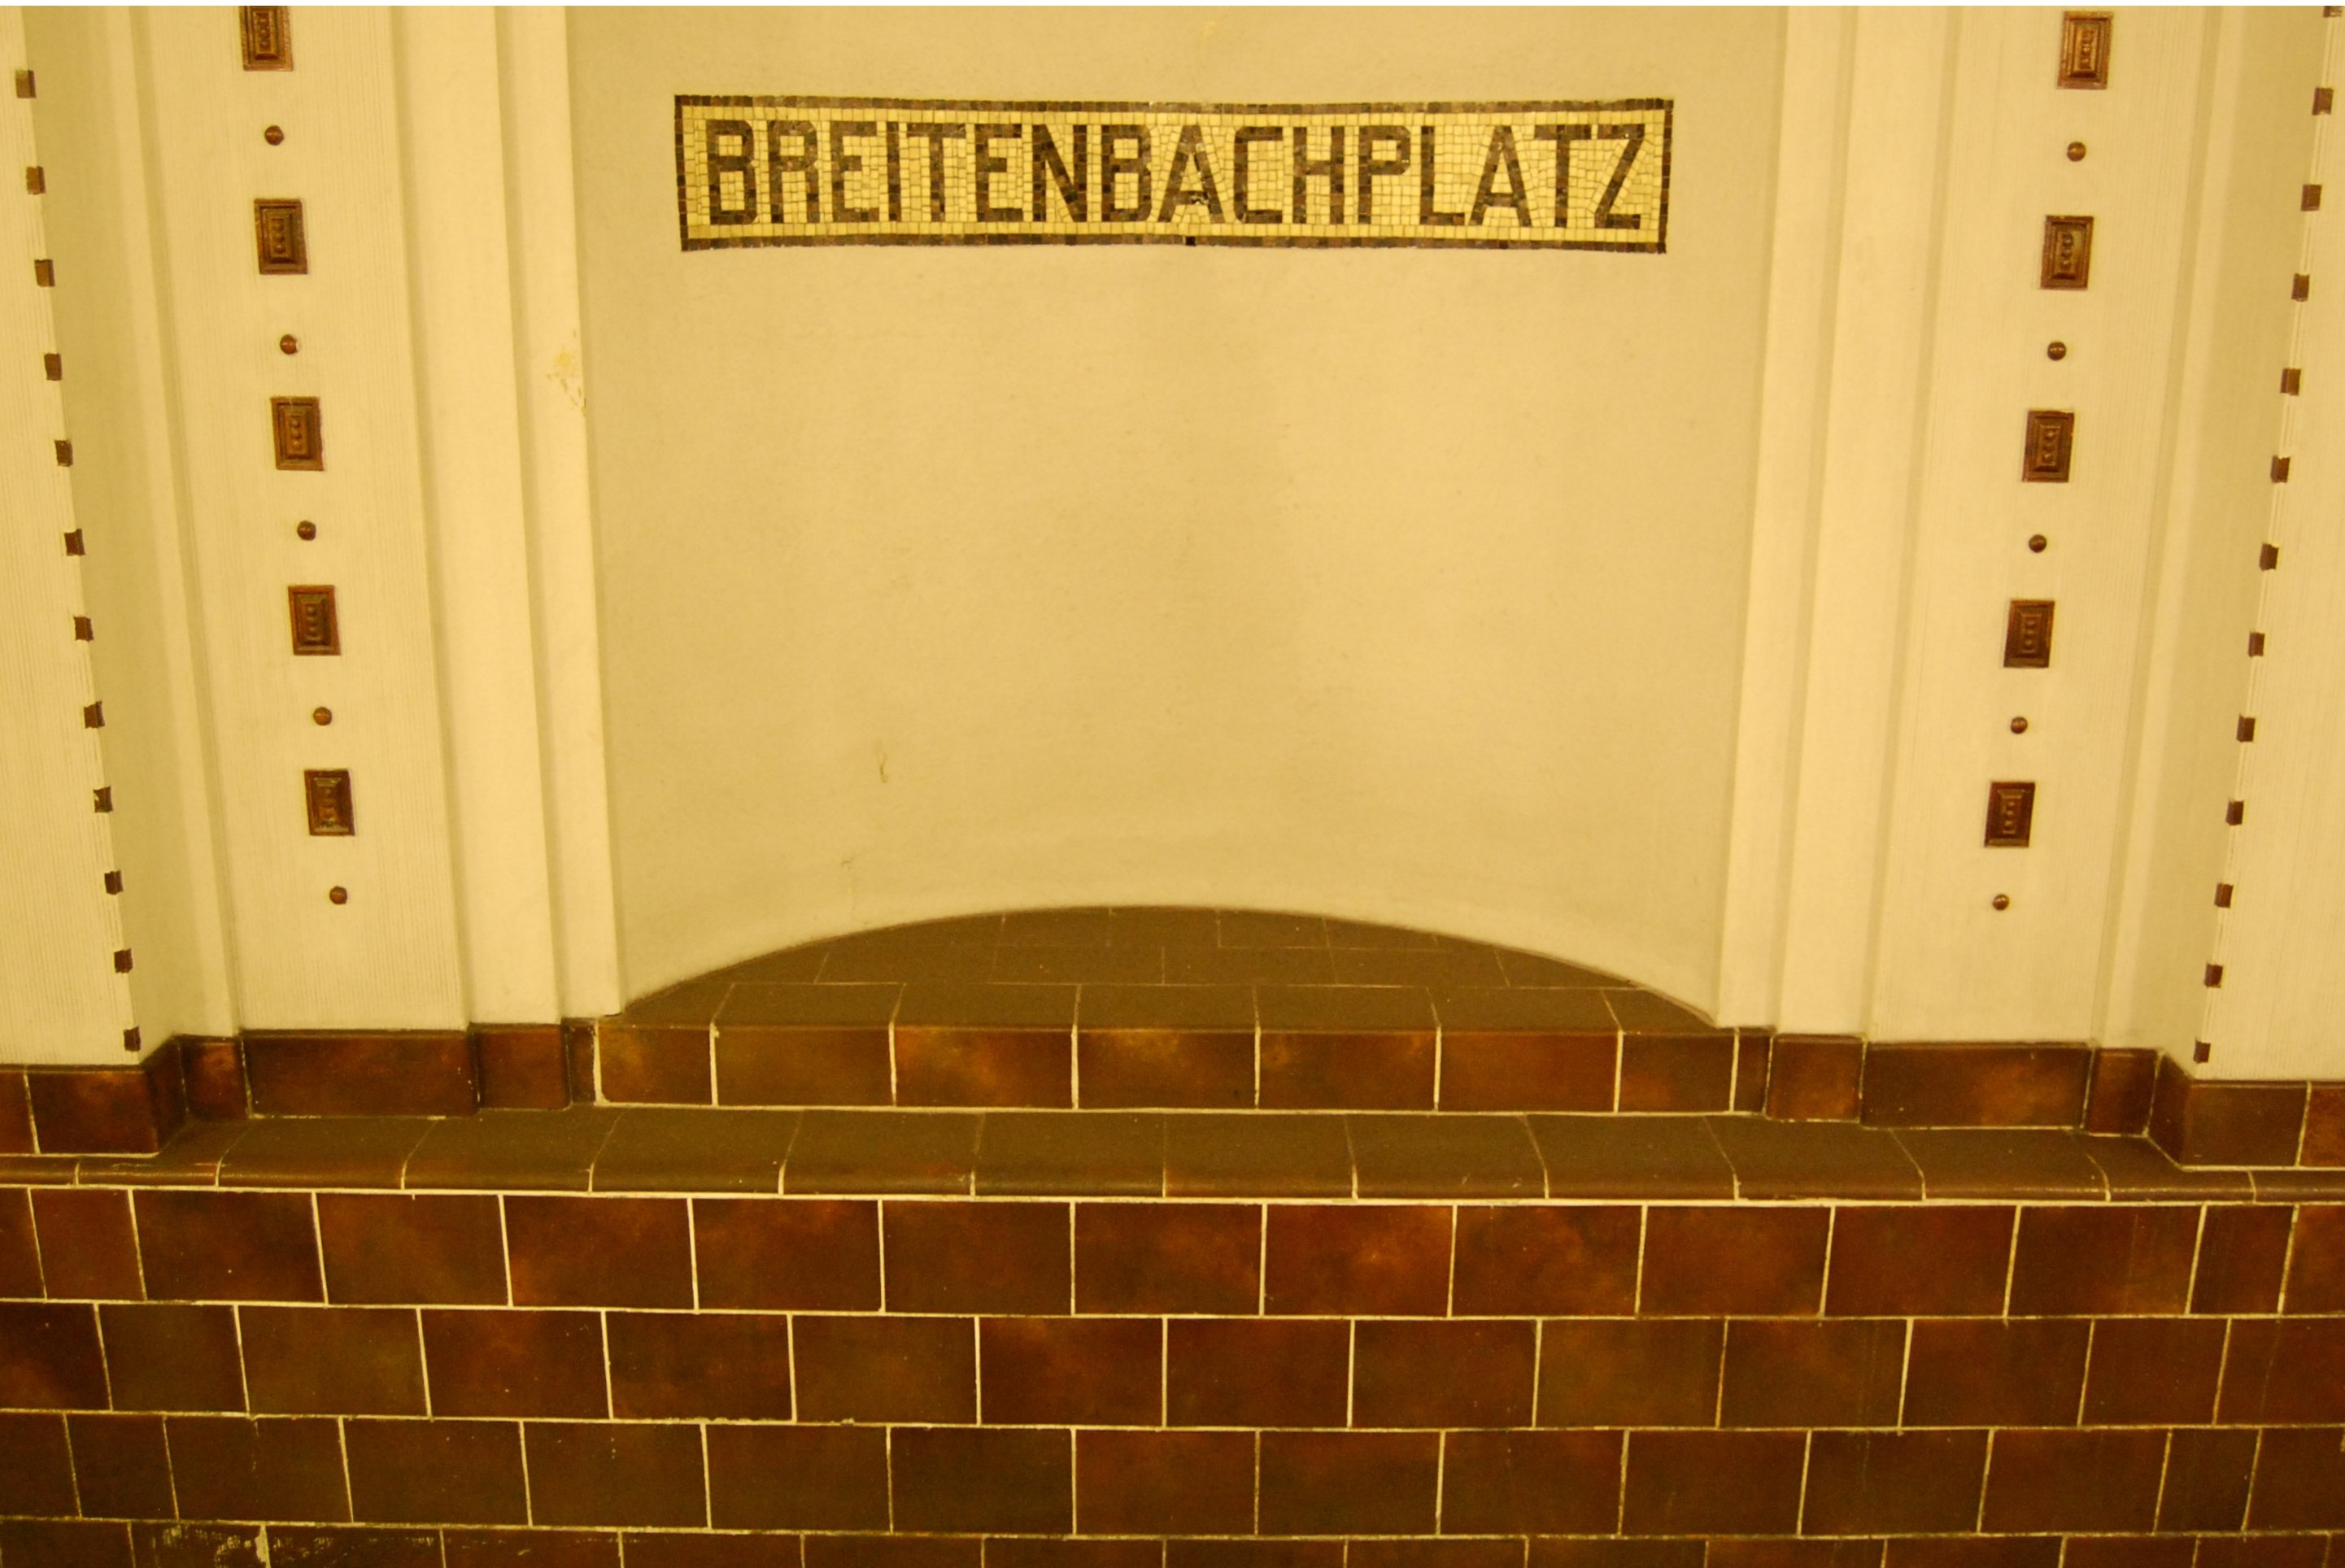 Staubwischdefizit auf dem U-Bf Breitenbachplatz